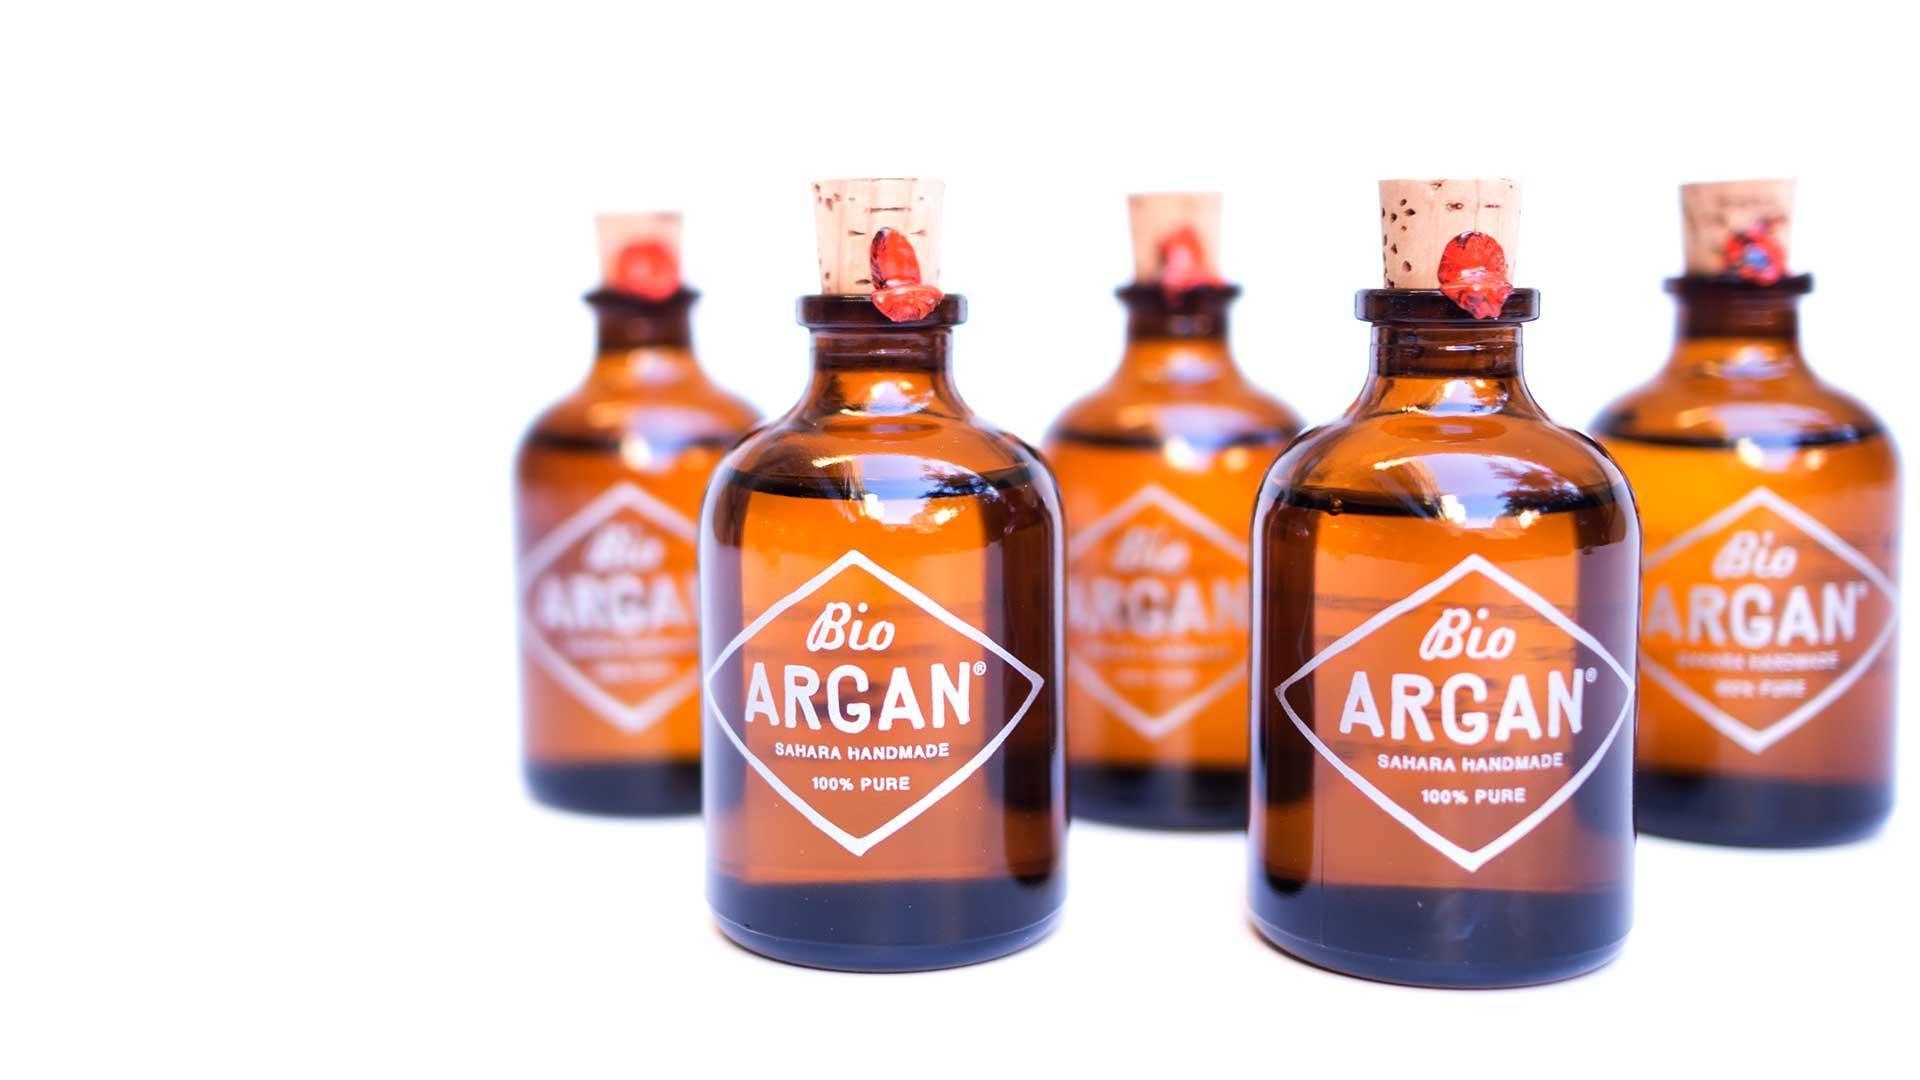 argan-bottles